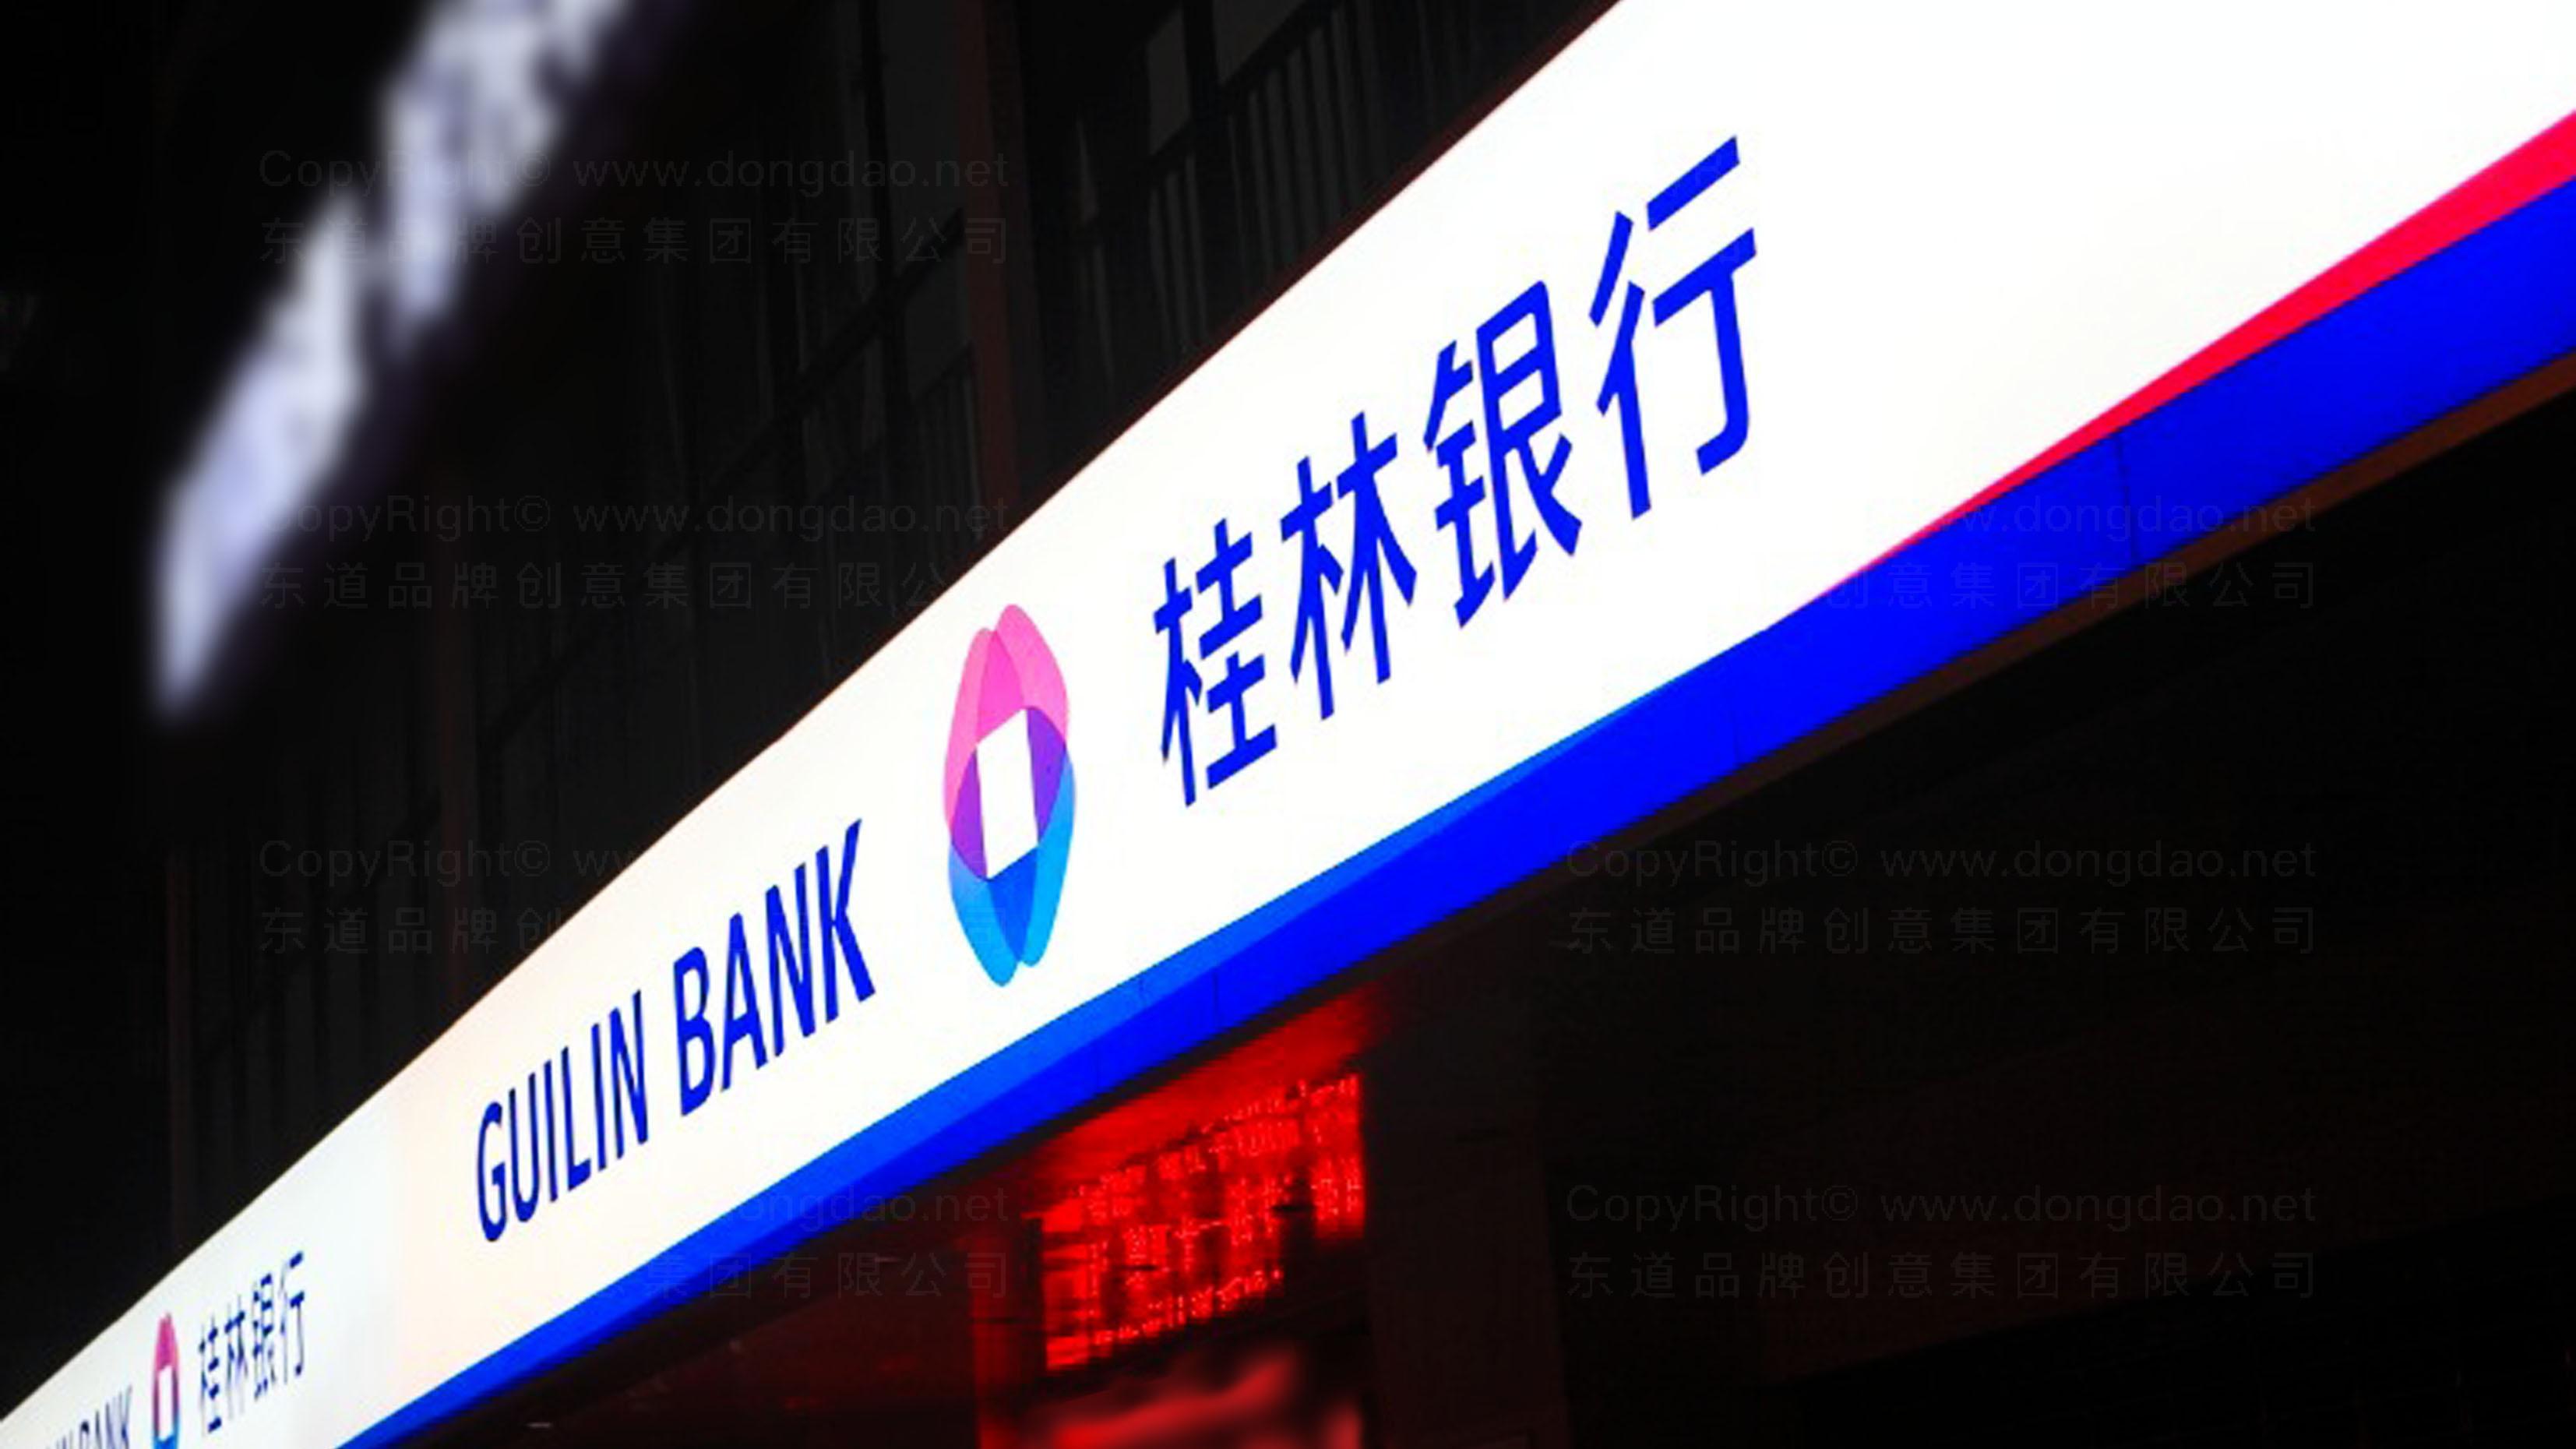 落地工程桂林银行装饰工程标识制作应用场景_27